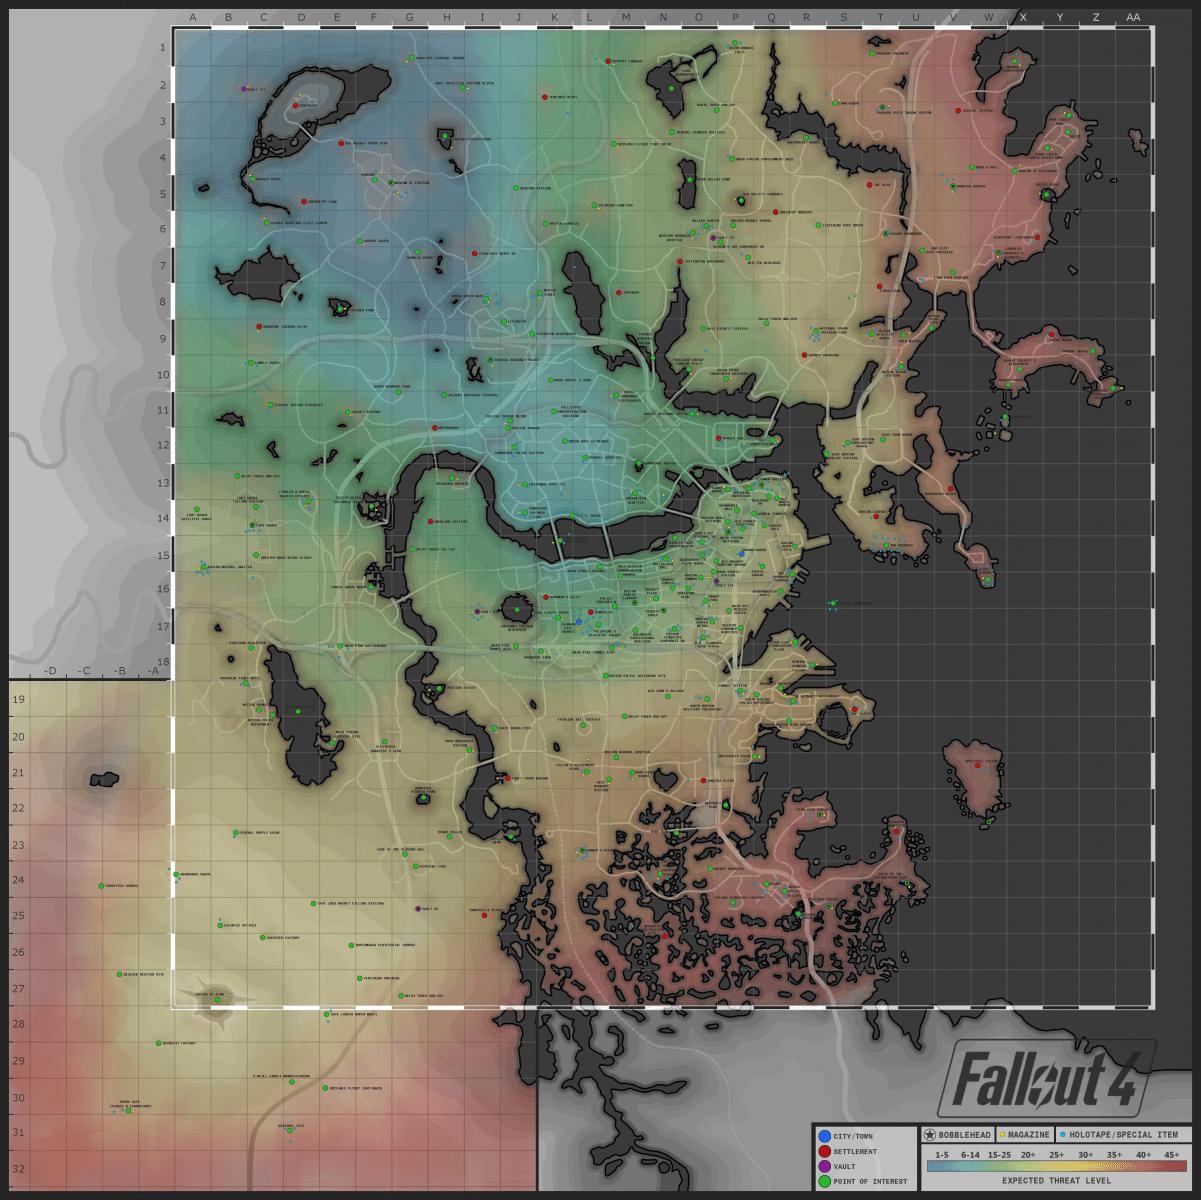 Fallout 4 Map